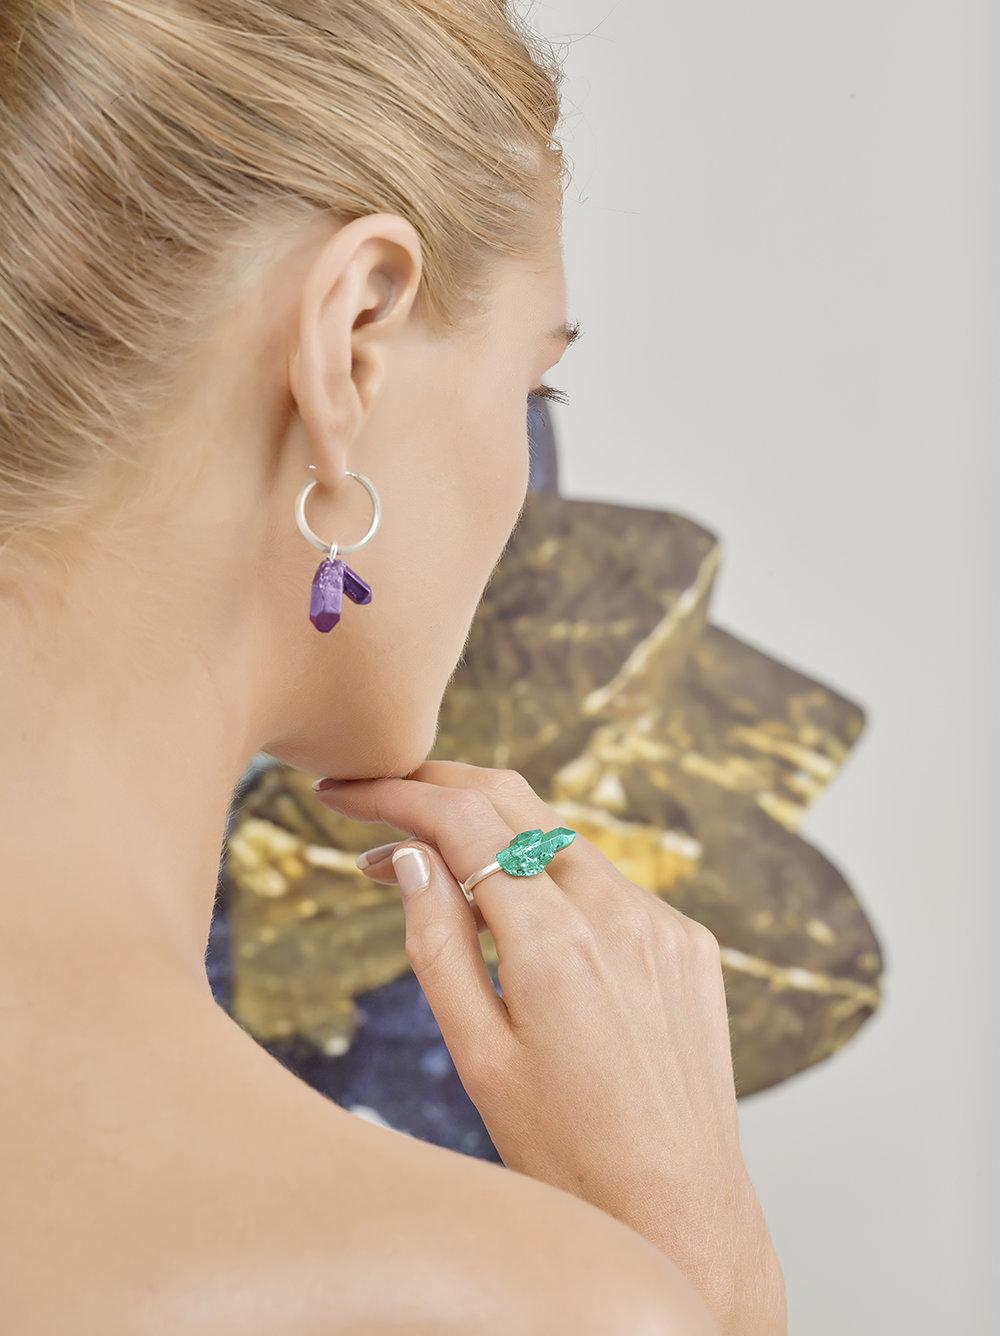 HotRocks Trigonal Small Cluster Ring in Green and Hoop Earring in Purple Low Res.jpg